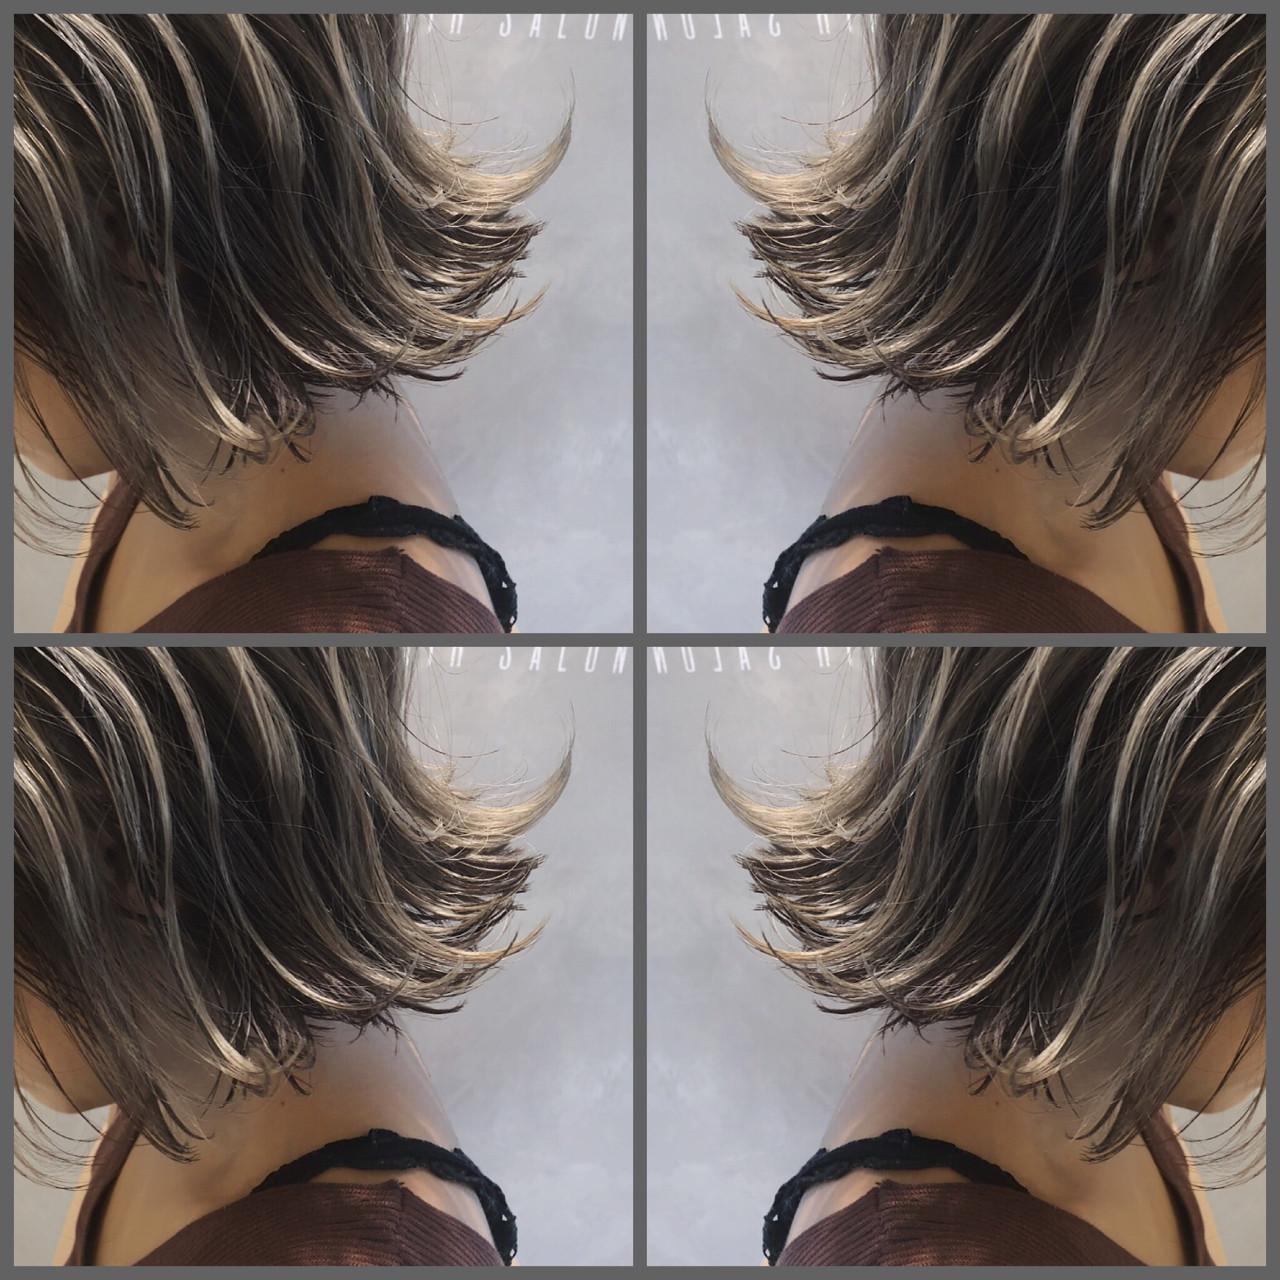 バレイヤージュ ゆるふわ ウェーブ ボブ ヘアスタイルや髪型の写真・画像 | 高沼 達也 / byトルネード / トルネード